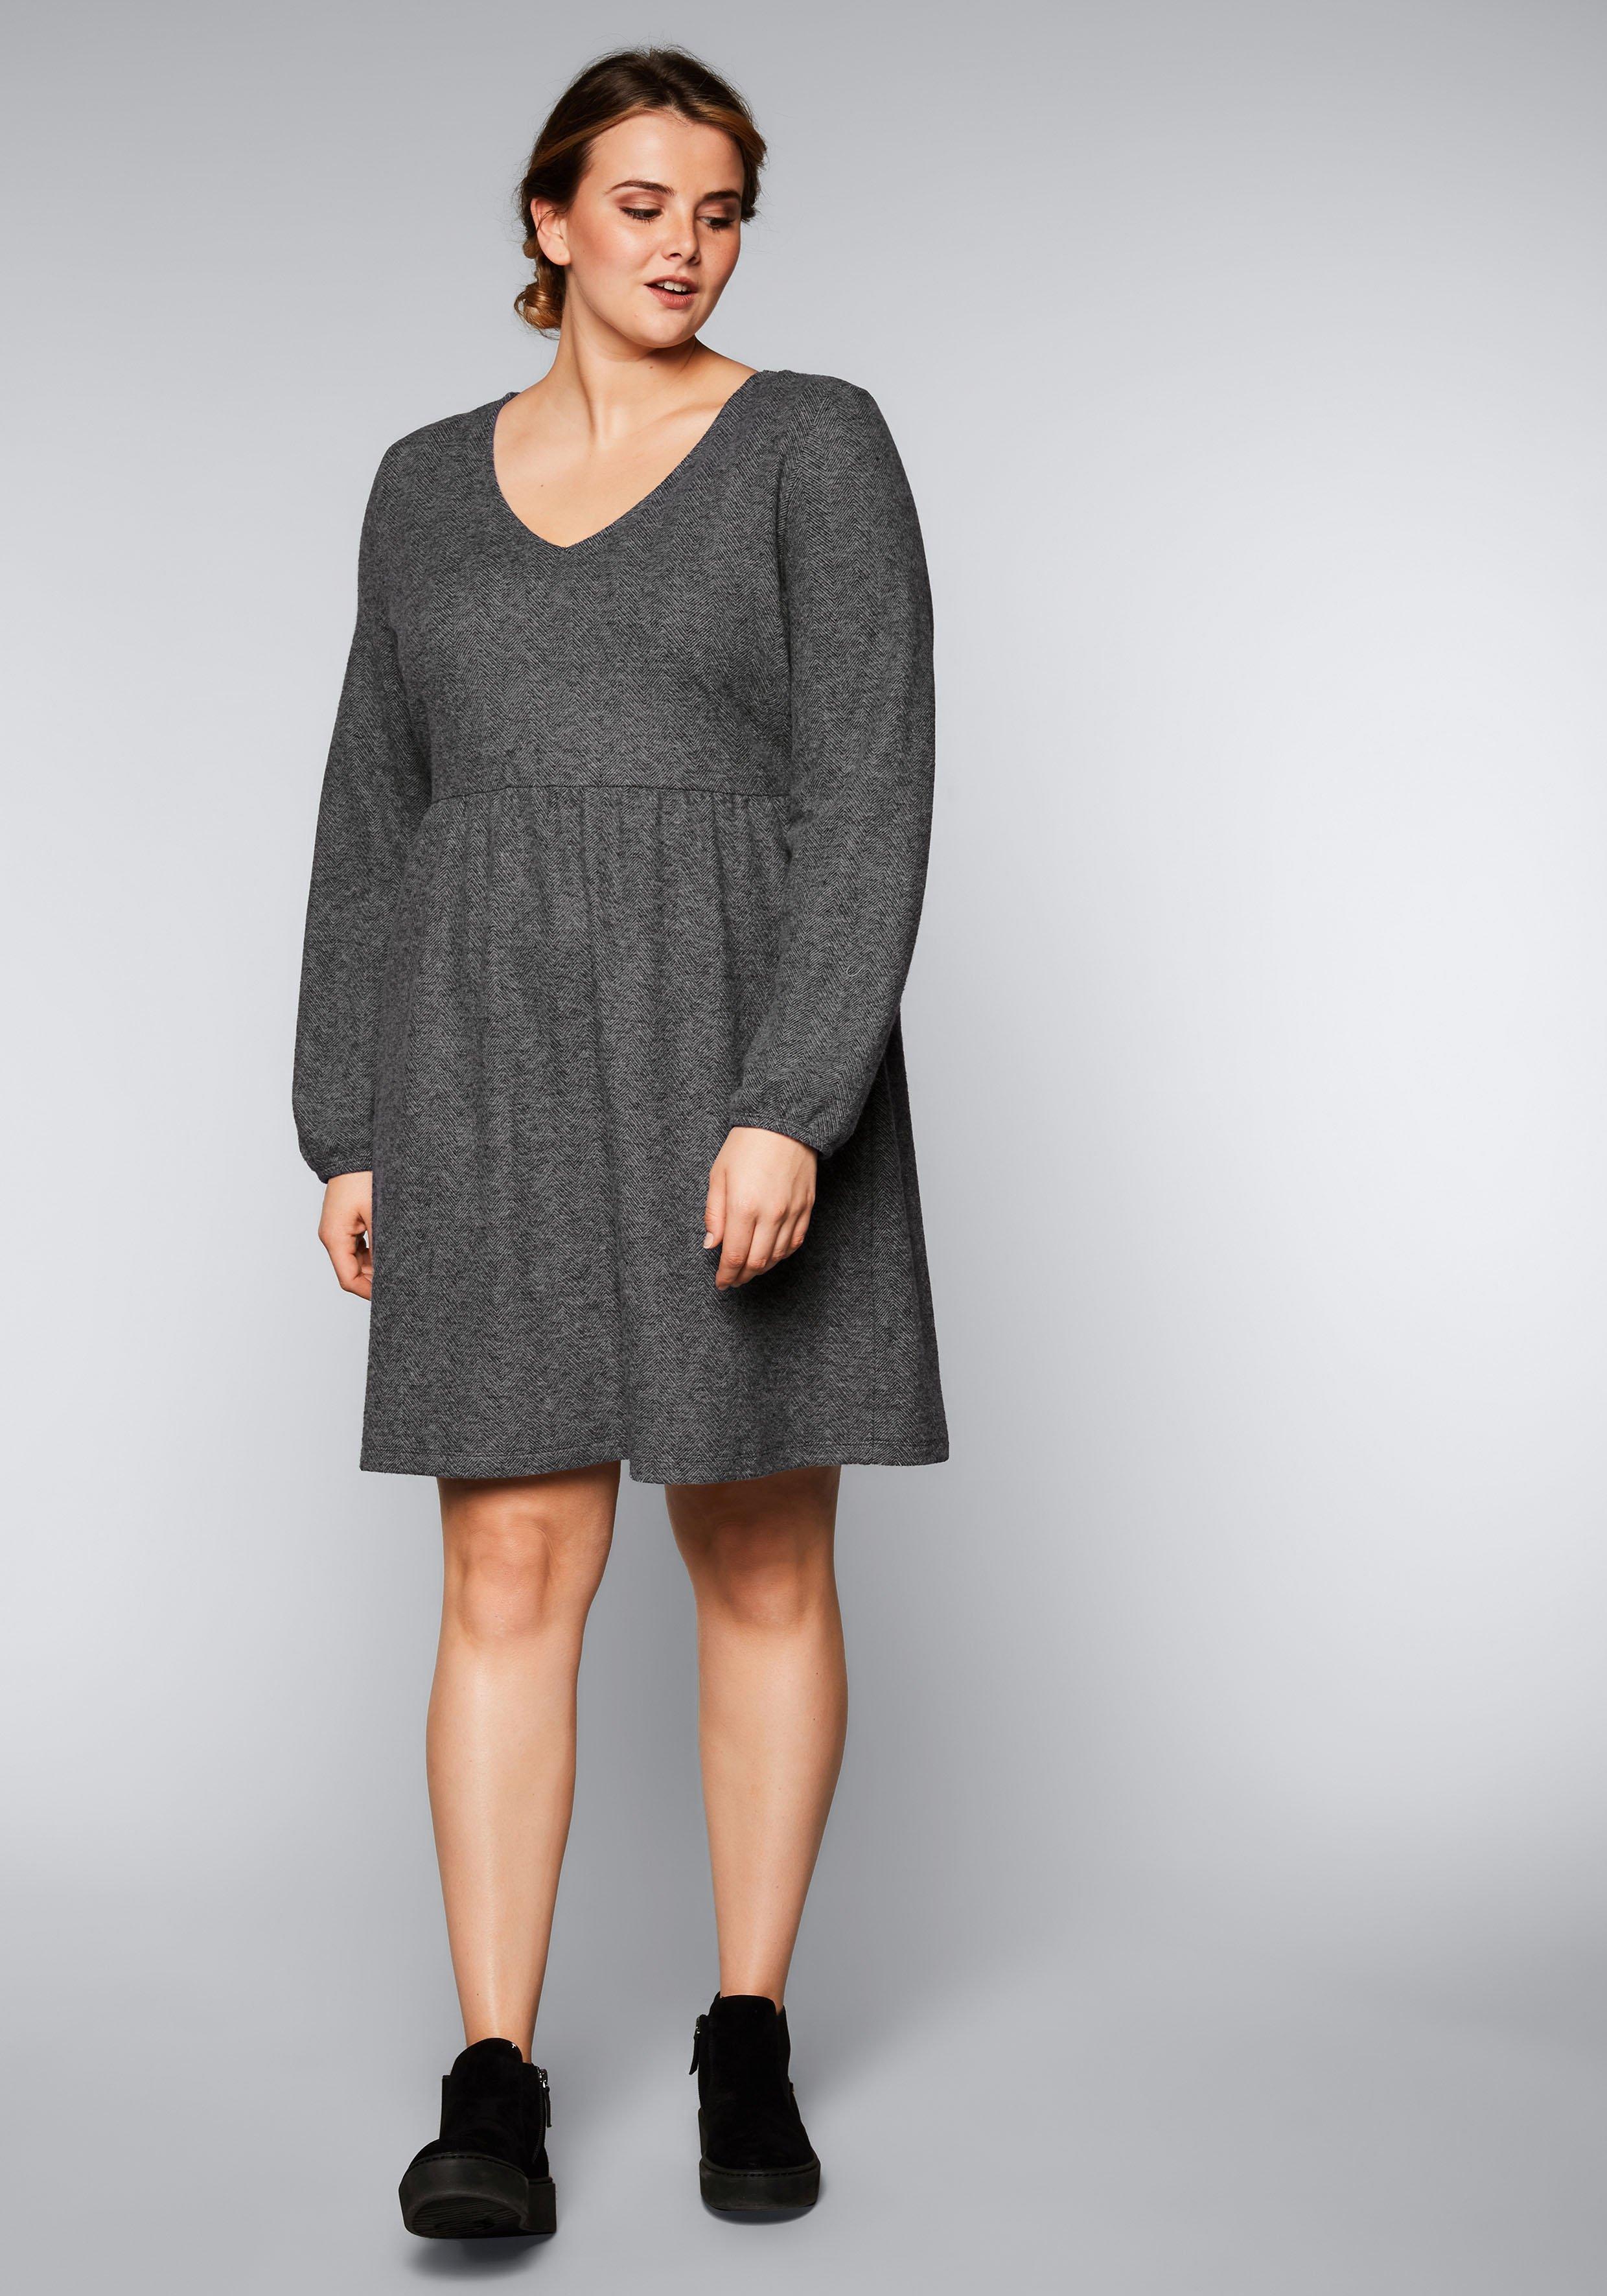 Große Größen: Kleid in Woll-Optik, grau bedruckt, Gr.44-58